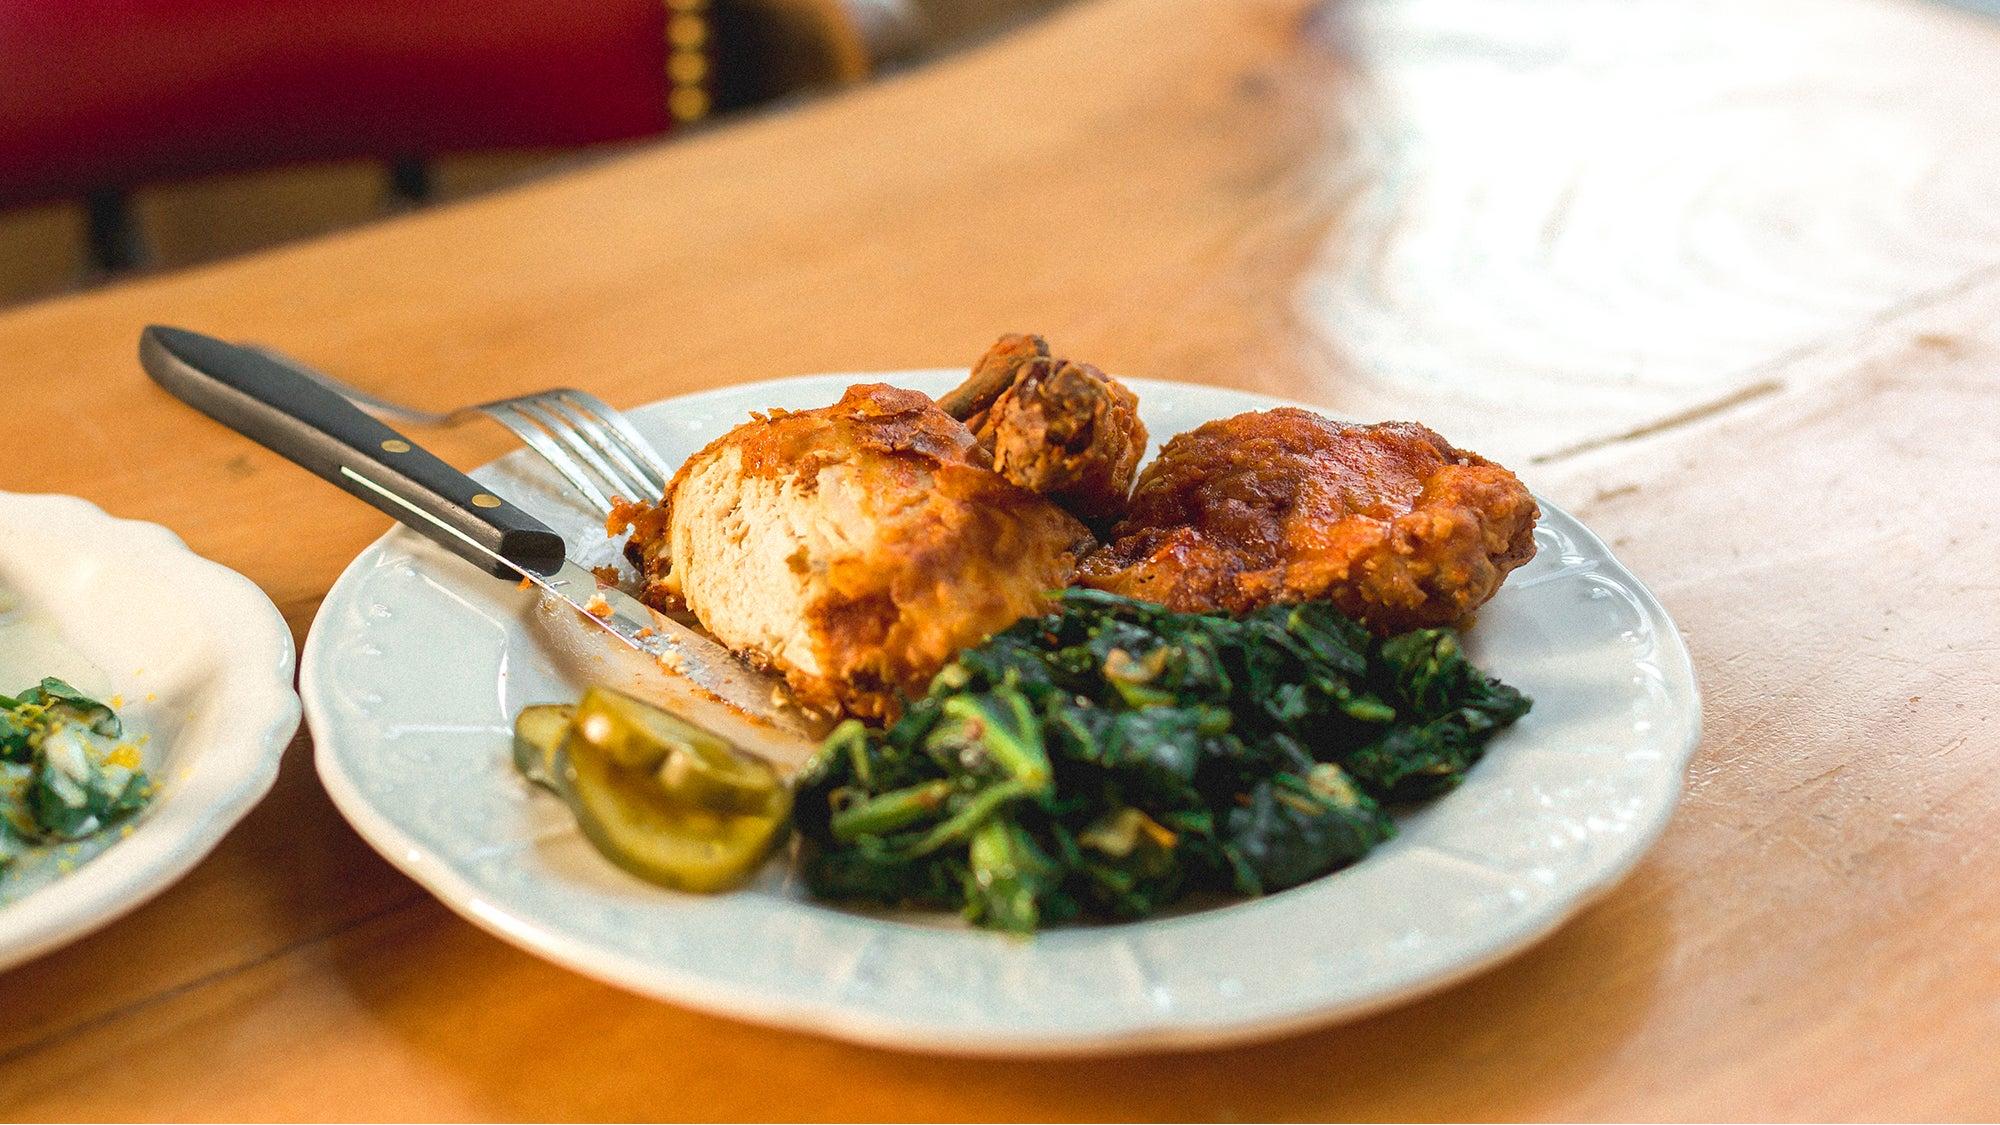 Nashville hot chicken at State Park